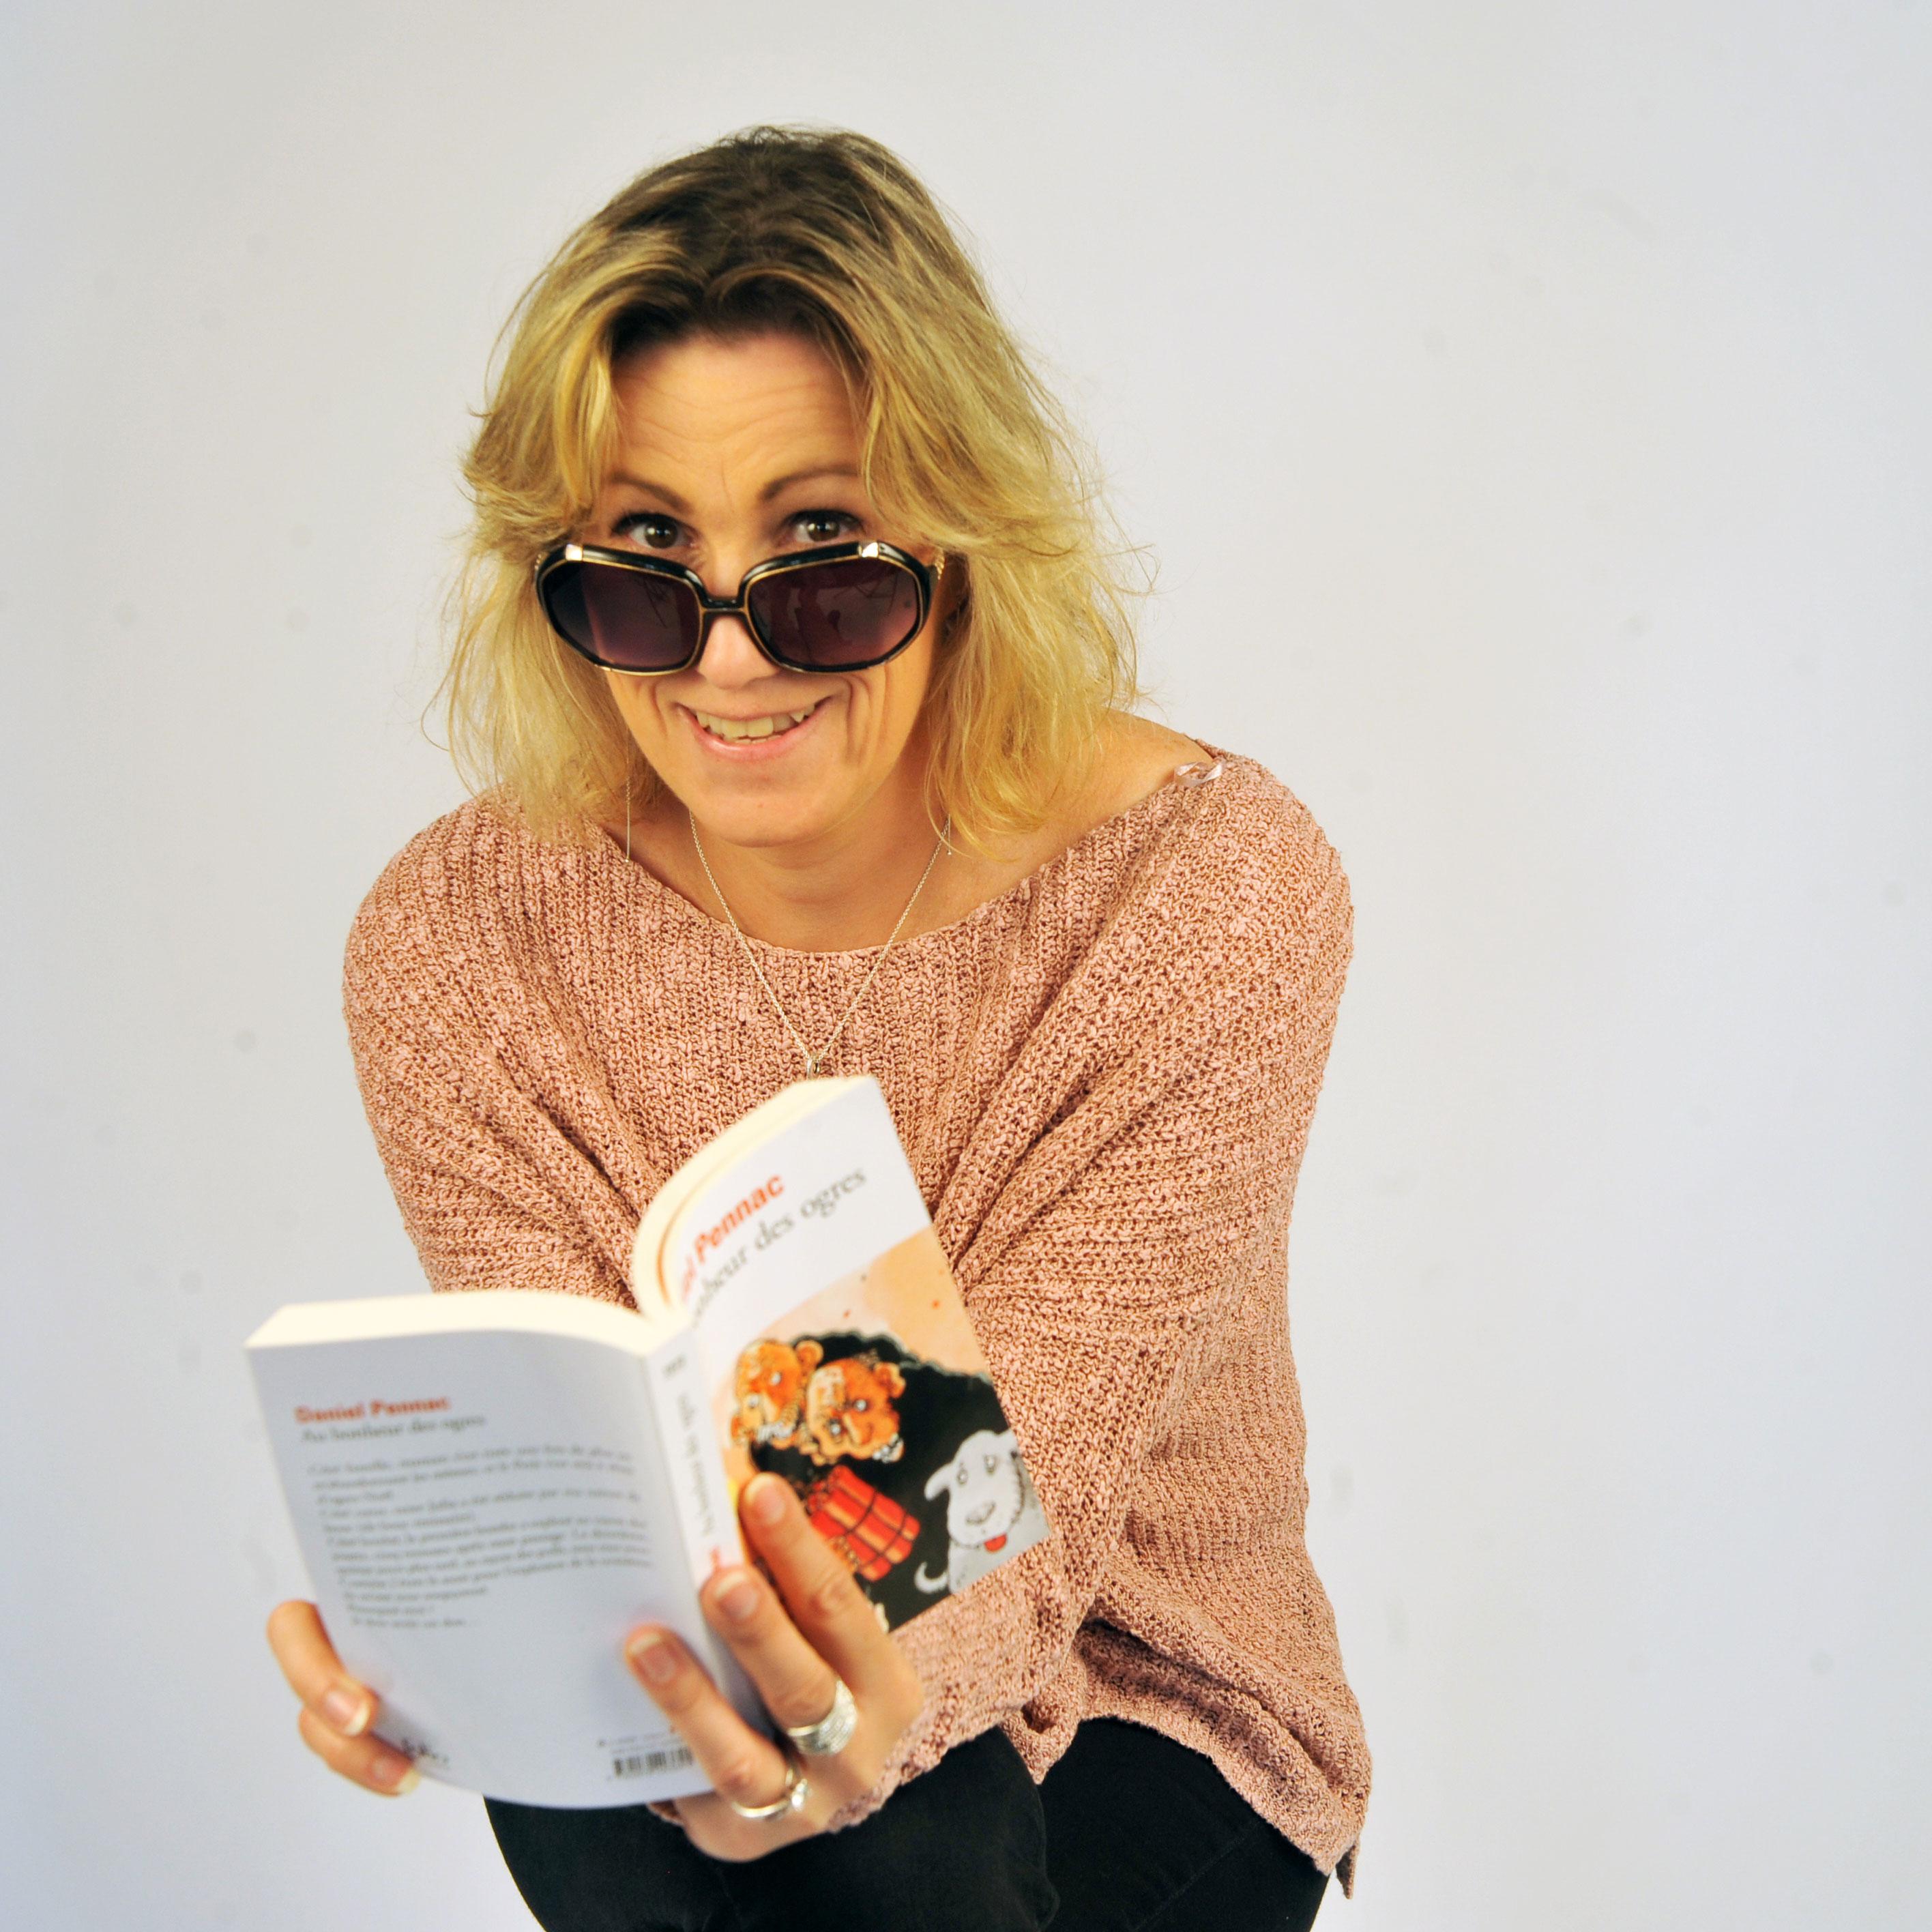 Delphine Paré